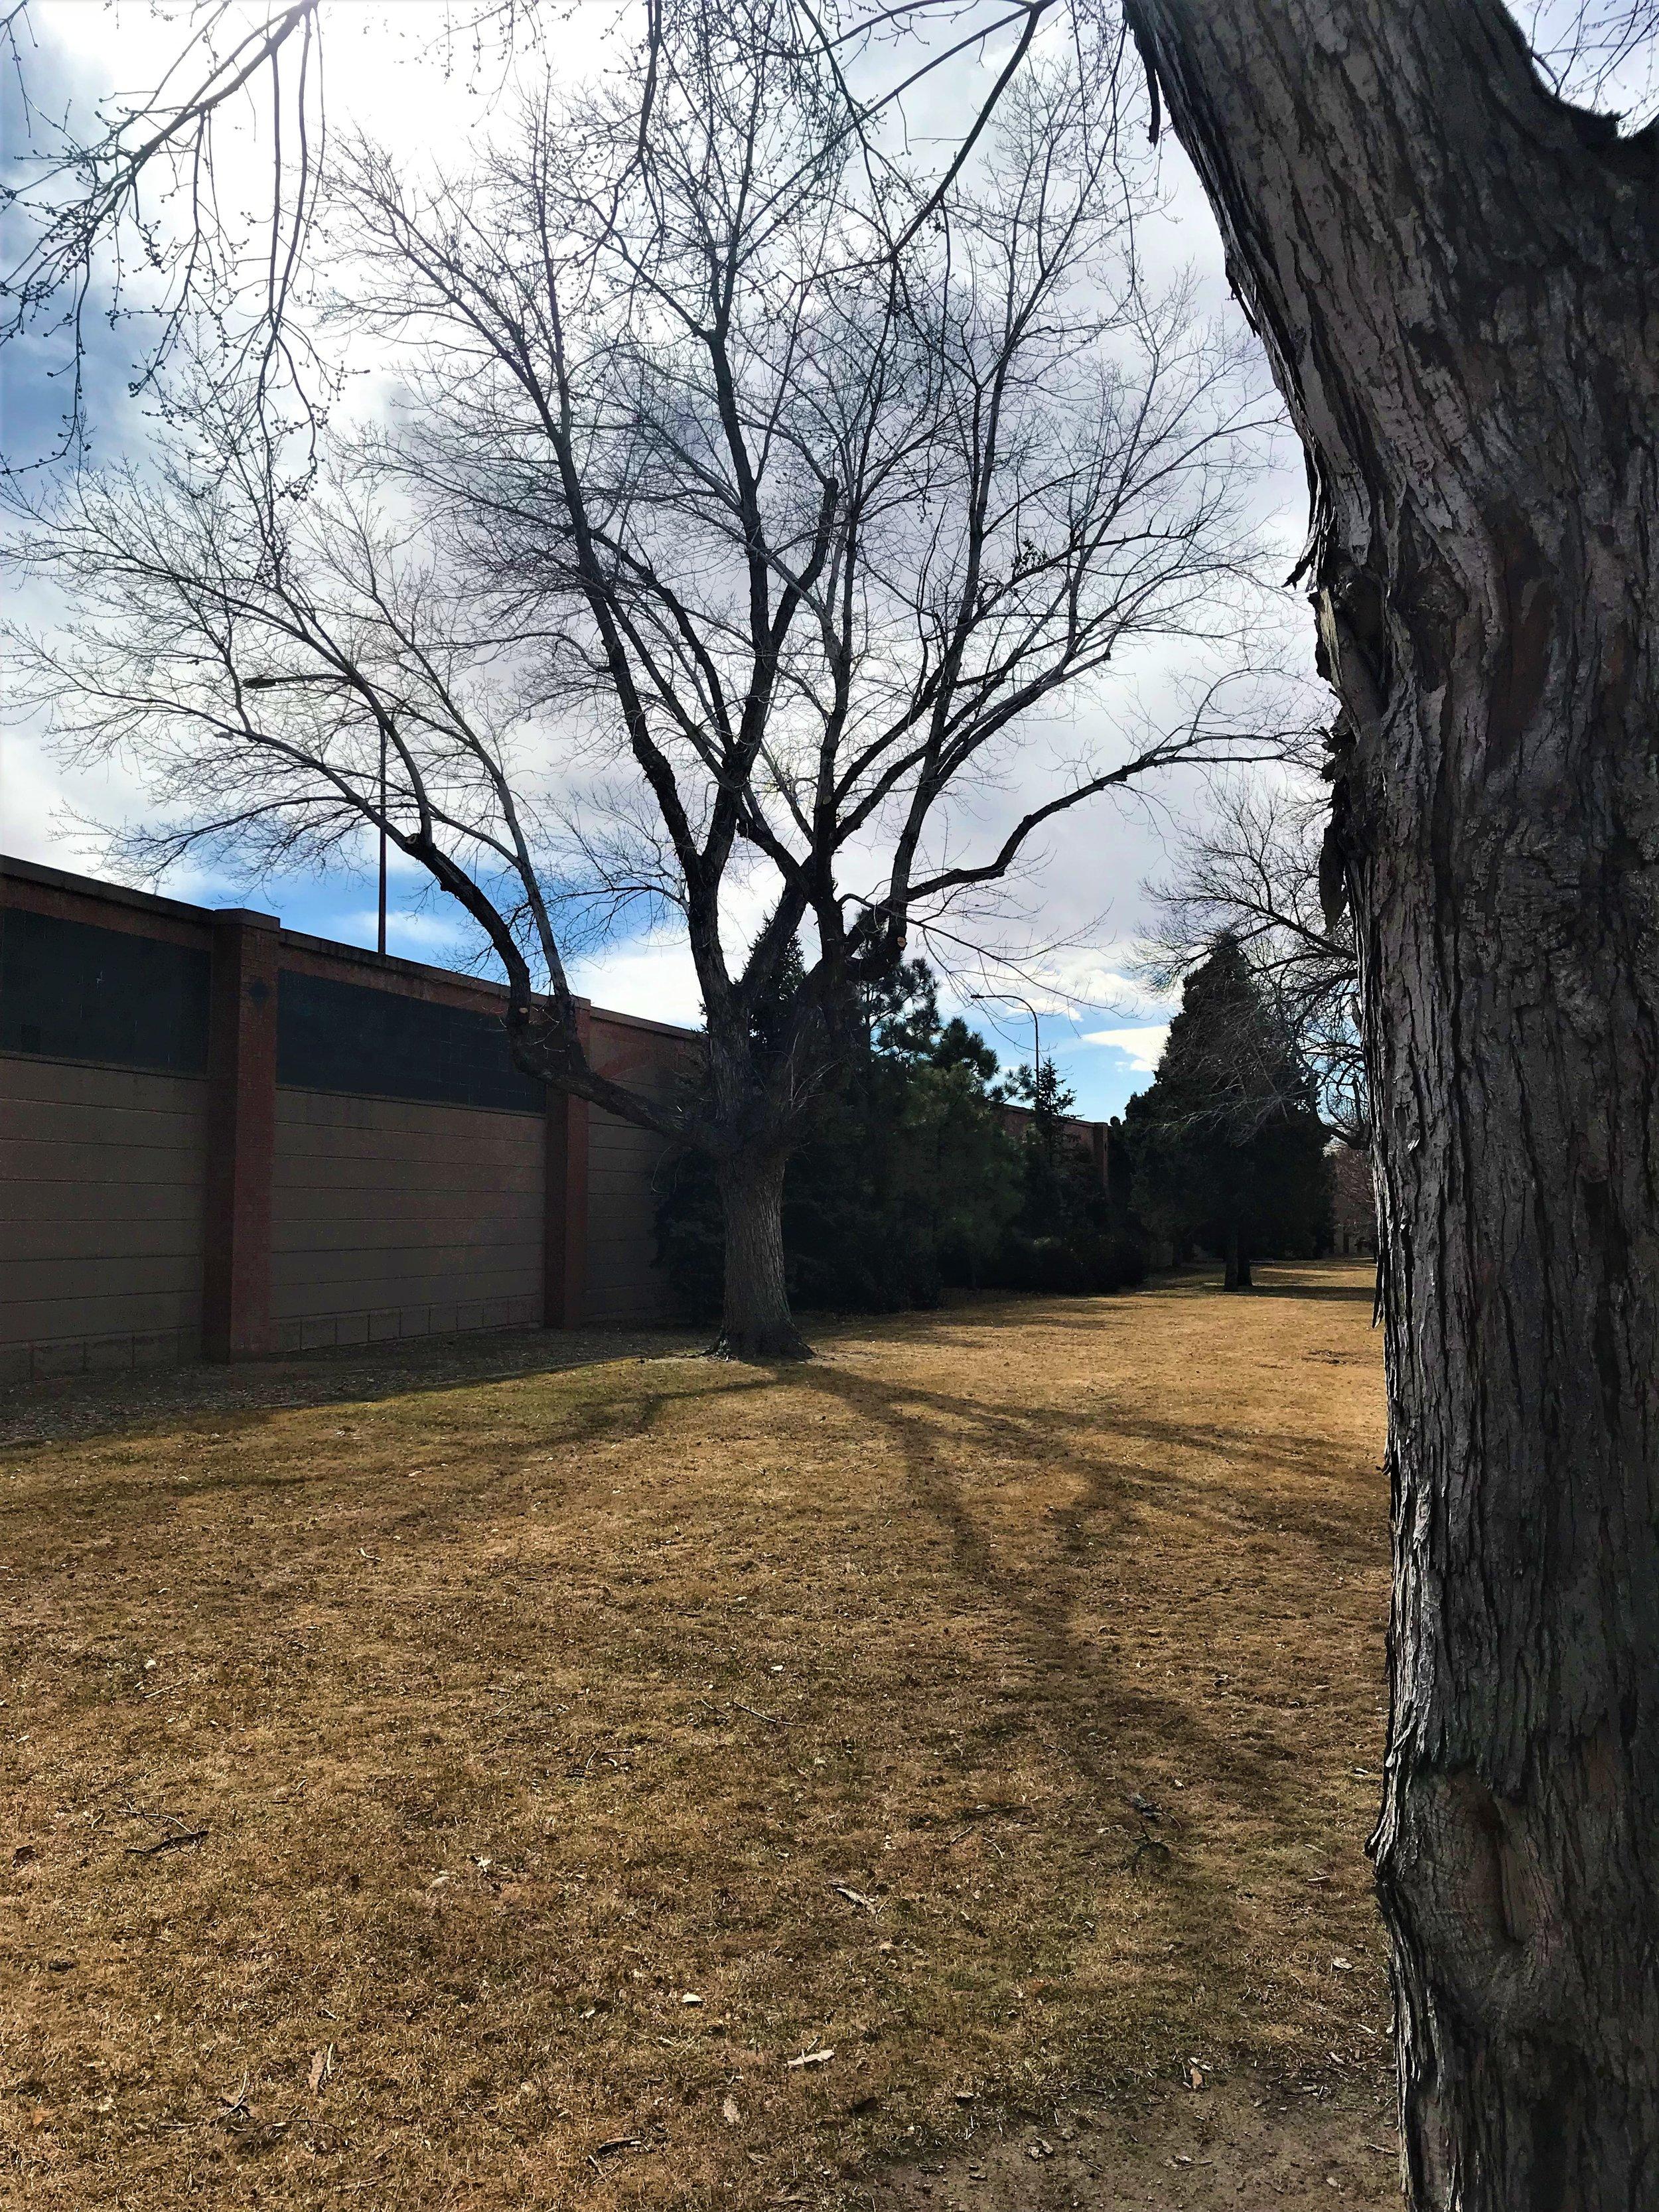 City of Colorado Springs - Mesa Springs Greenway